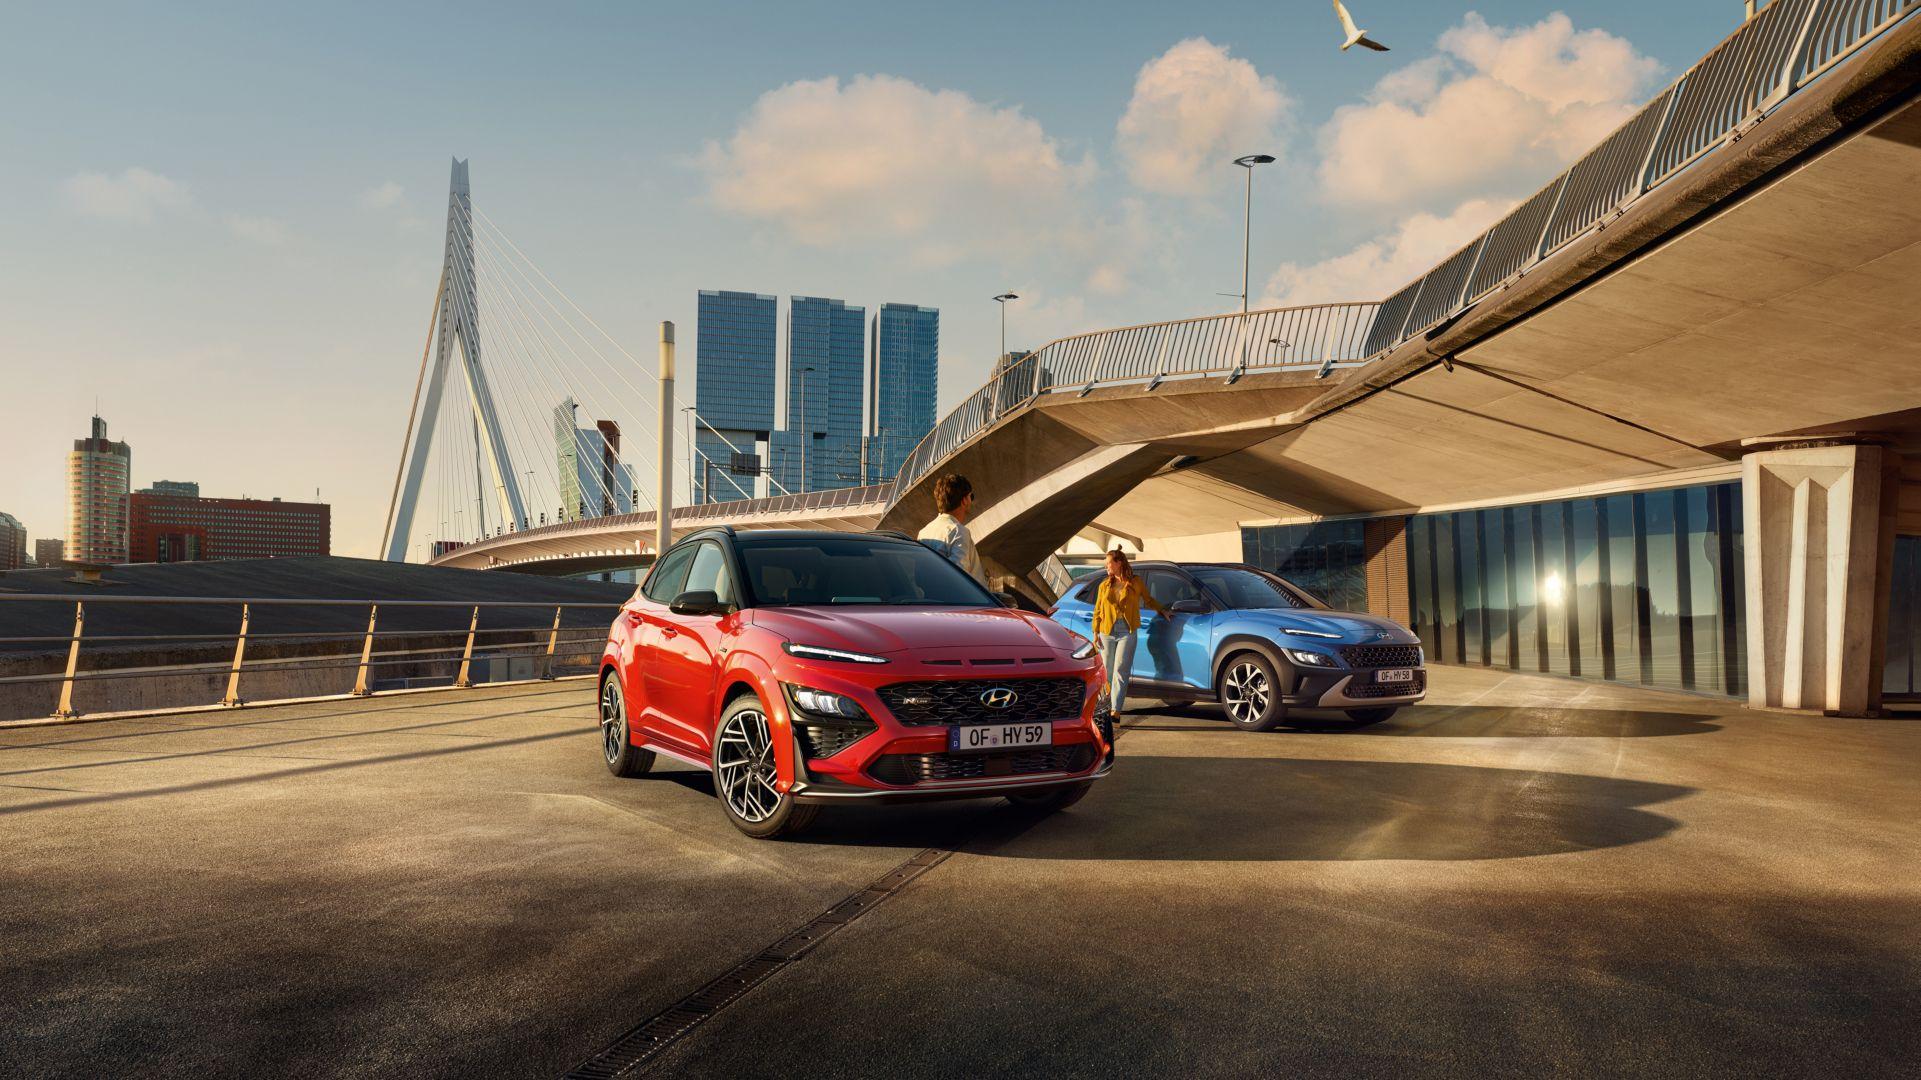 Dostupne s novom Konom po prvi puta, dinamične N Line ukrasne obloge s moćnim detaljima nadahnute automobilizmom.